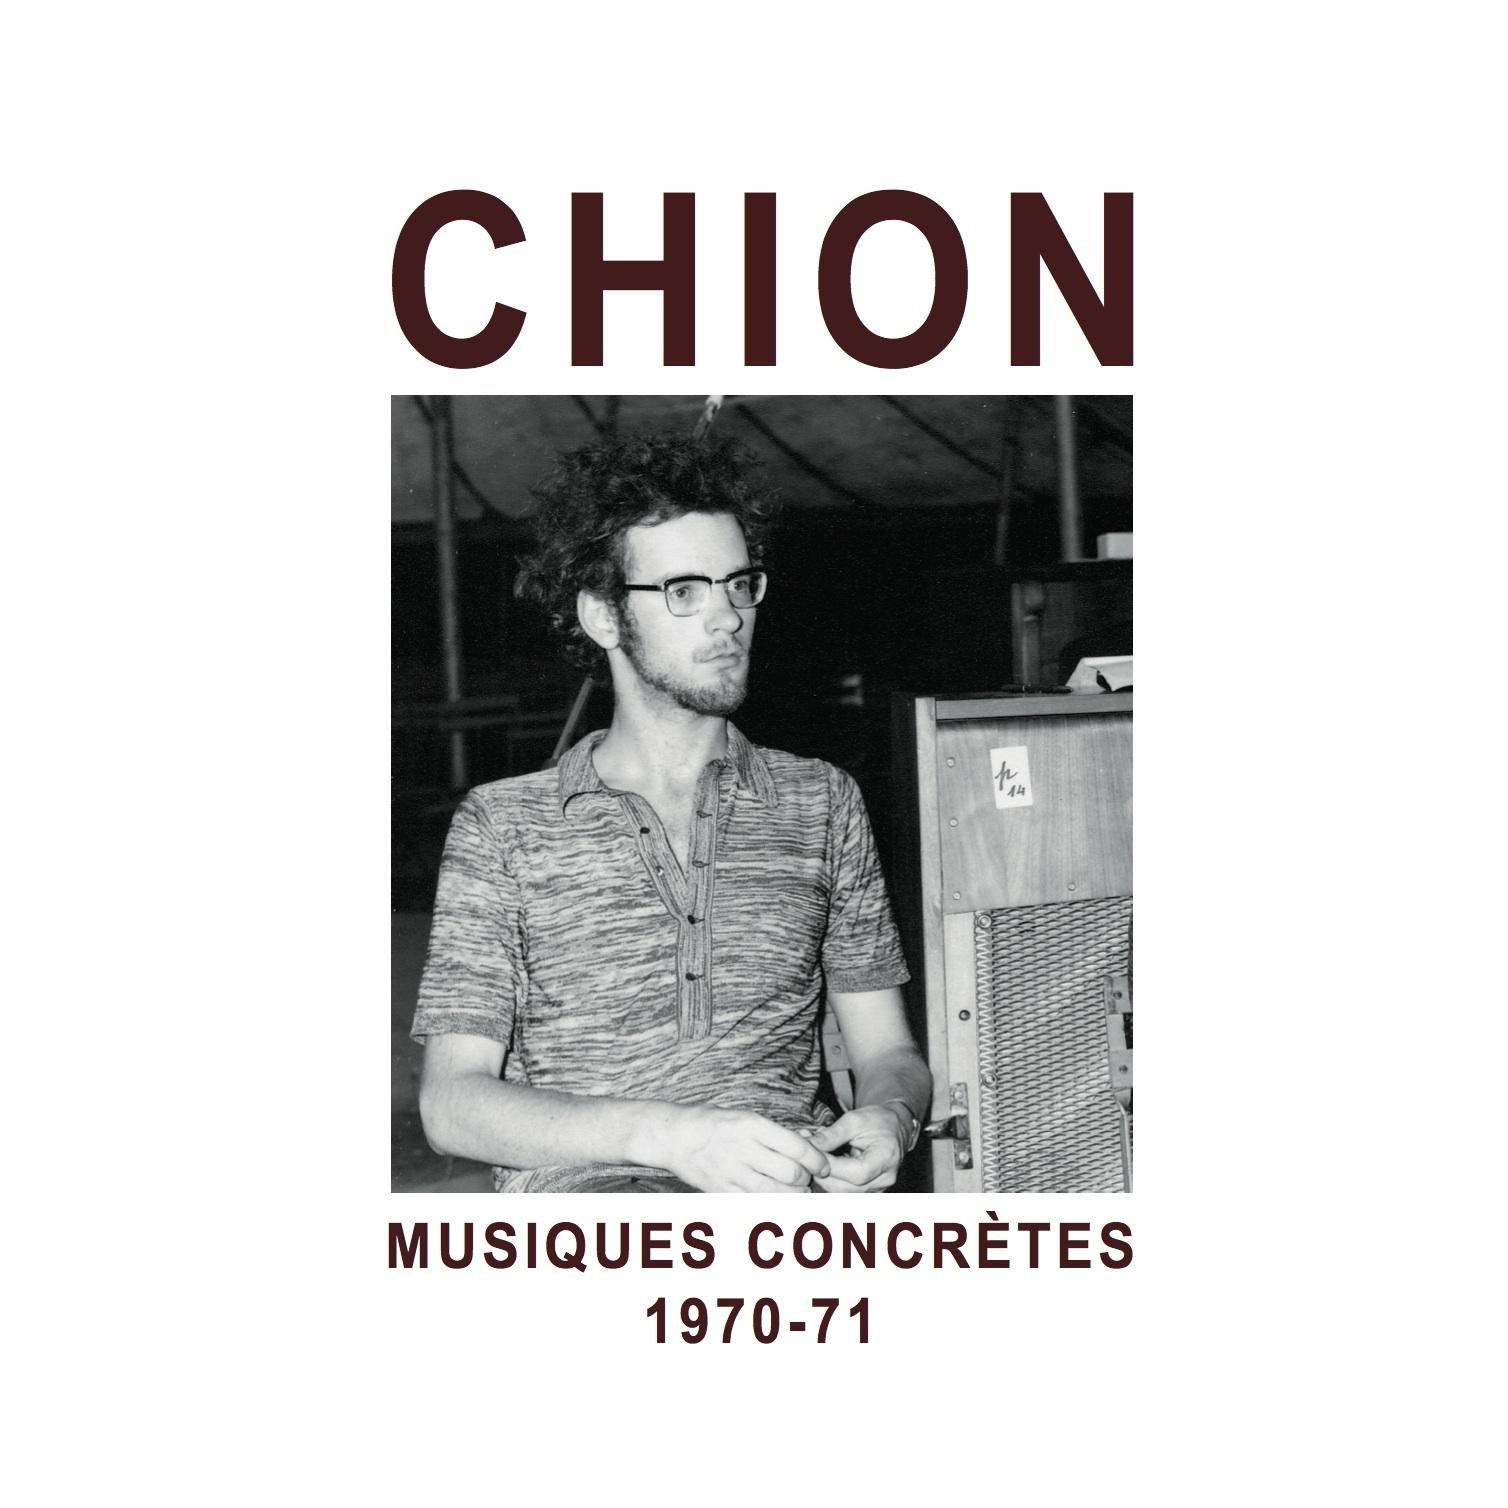 Michel chion musiques concretes 1970 71